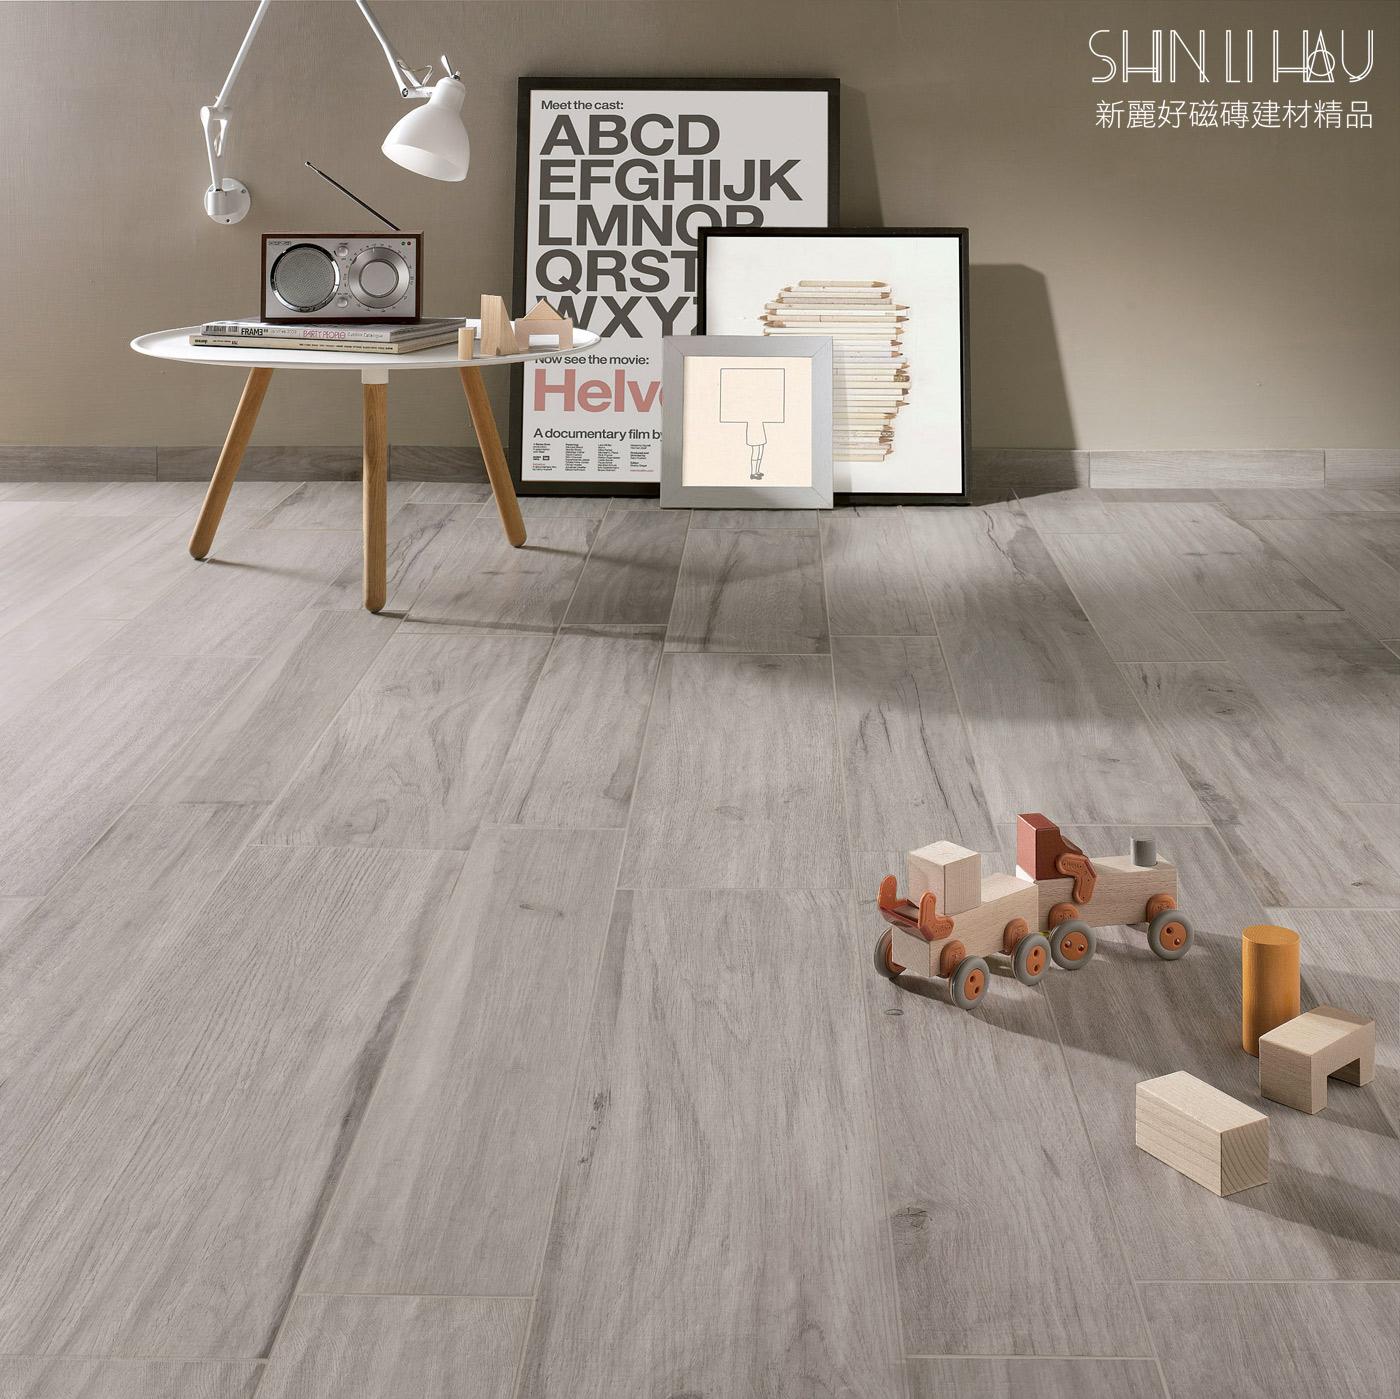 山林雅境-木紋磚模面如絲般的觸感,赤足踩踏亦感覺舒適 - 灰色